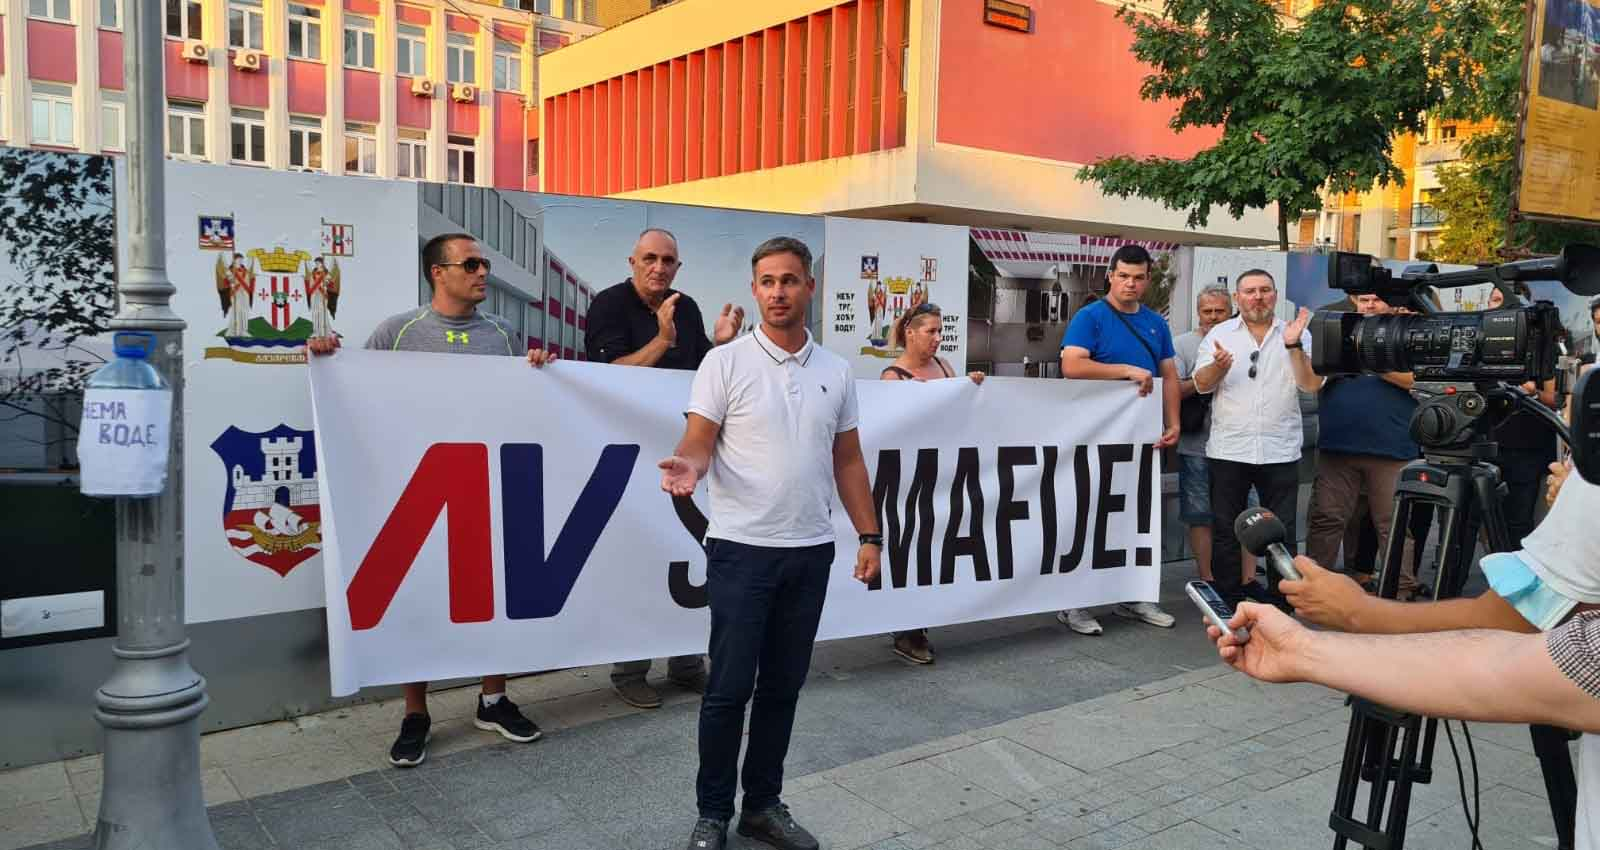 Алексић: Следи борба за Србију, народ ће победити Вучићев криминални клан